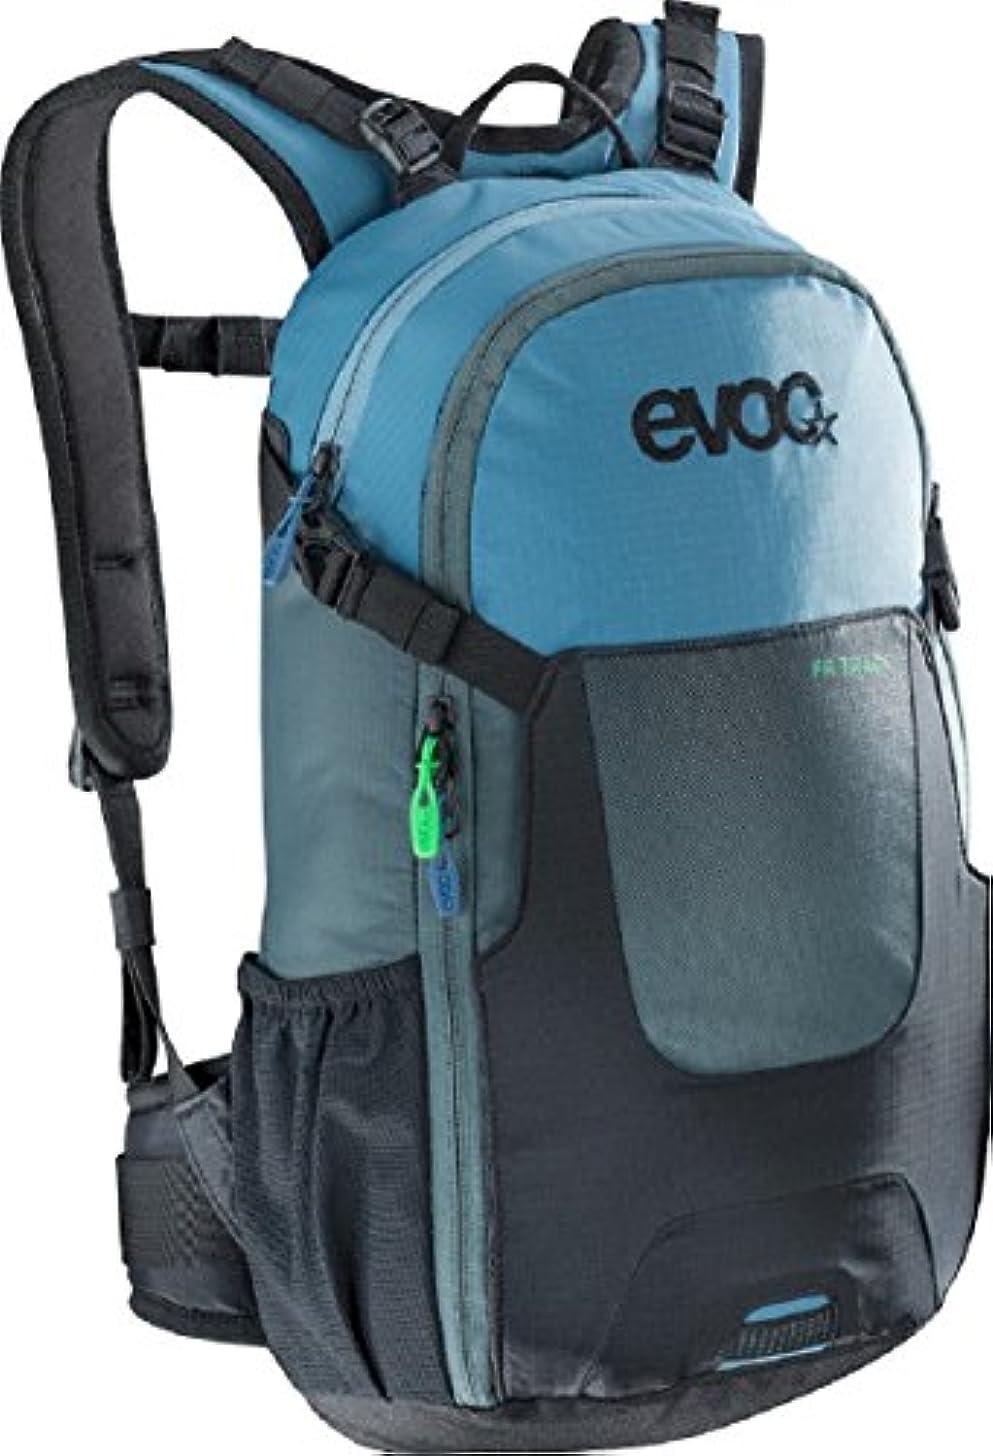 ジェームズダイソン容疑者励起Evoc black-slate-blue FRトラック – 10リットルHydration Pack with組み込みBack prot ]